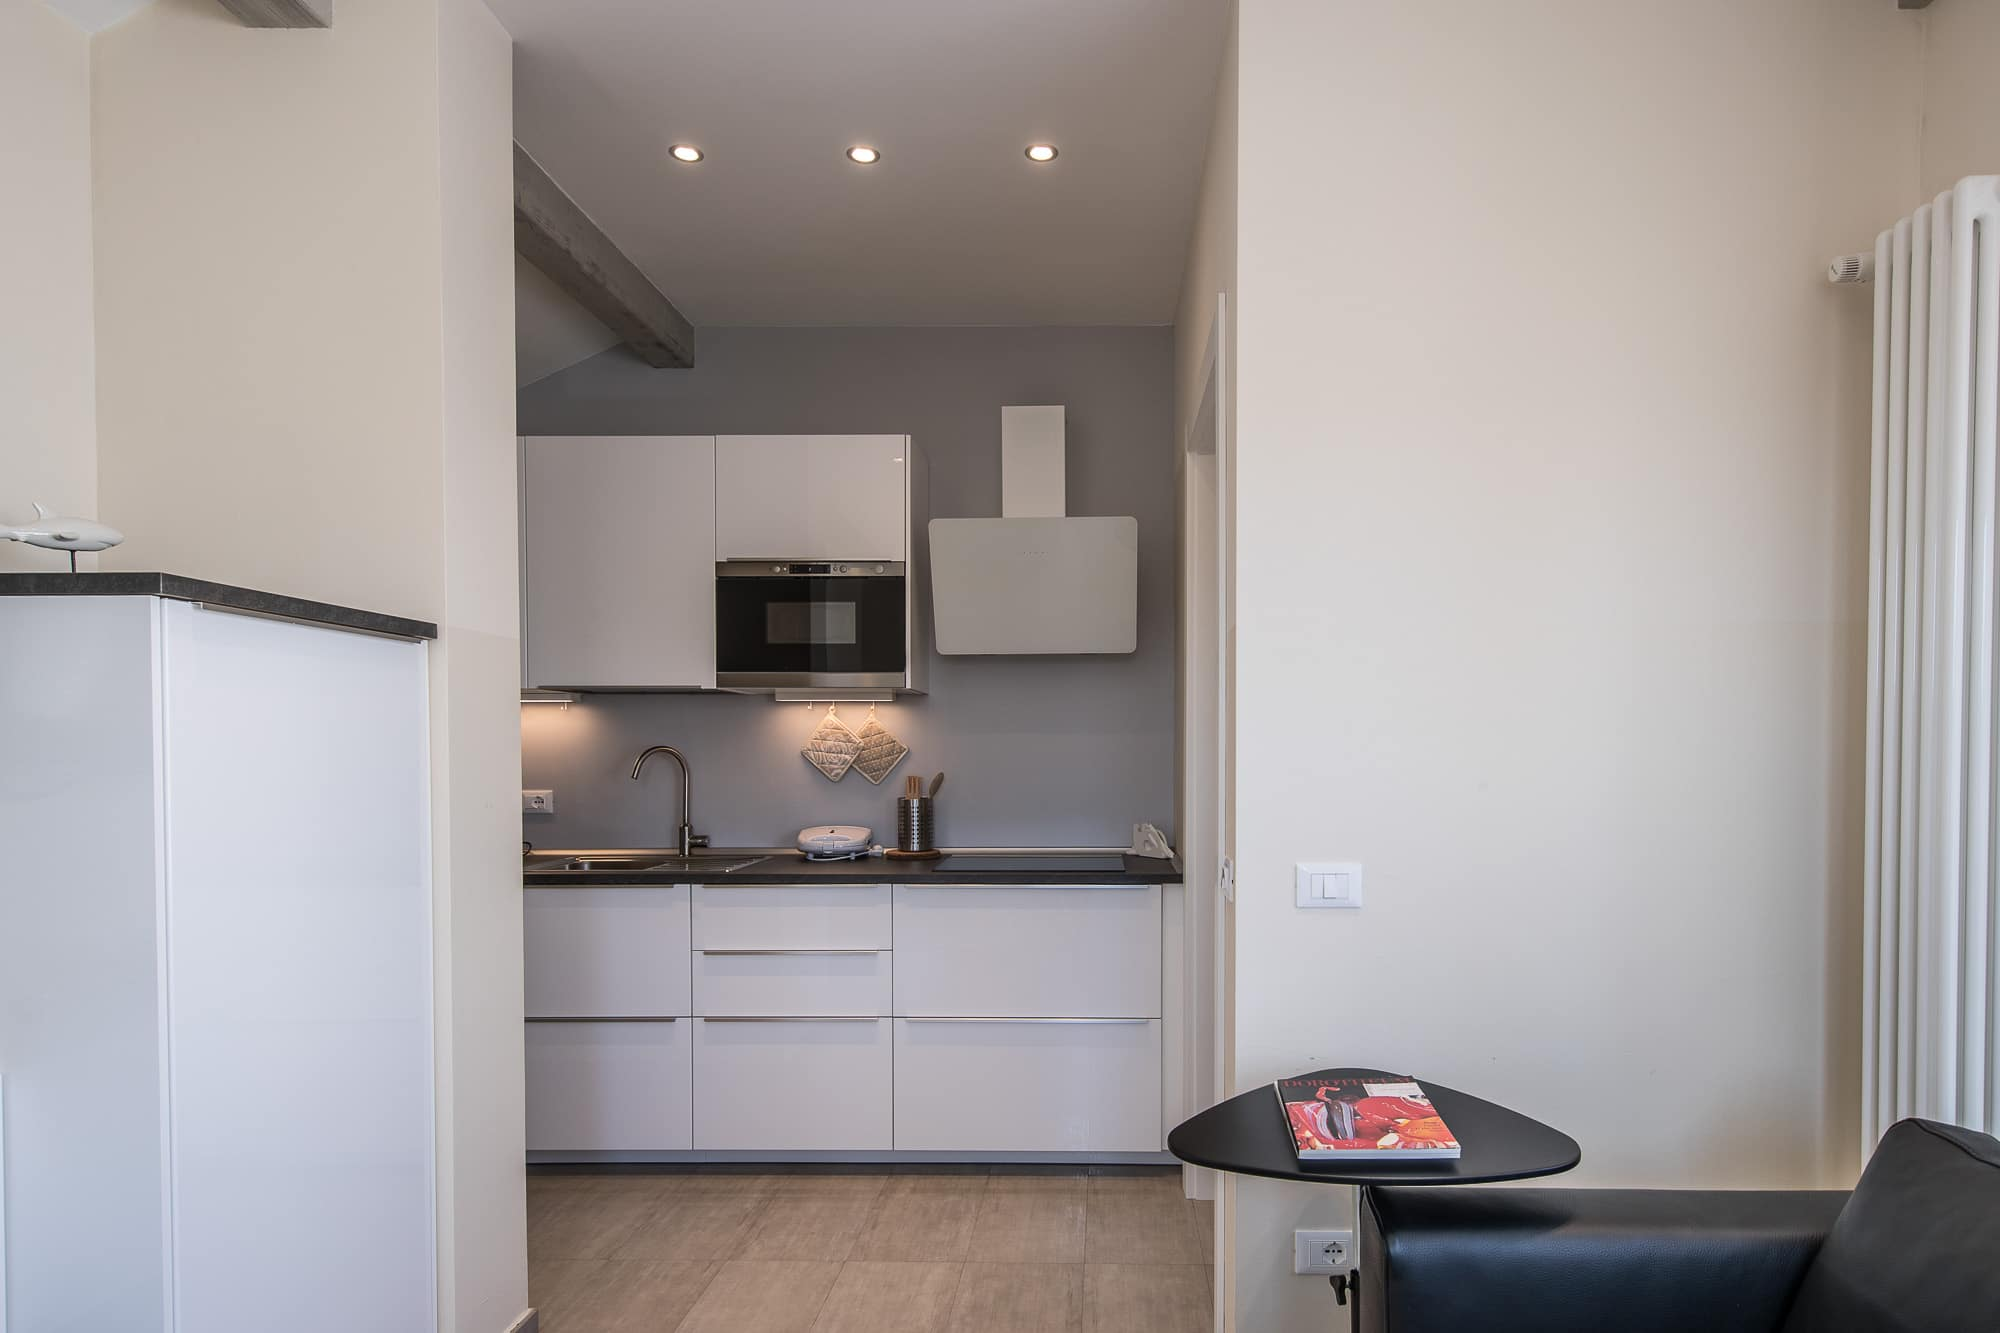 Appartamento 10 appartamenti sirmione for Velux prezzi 2016